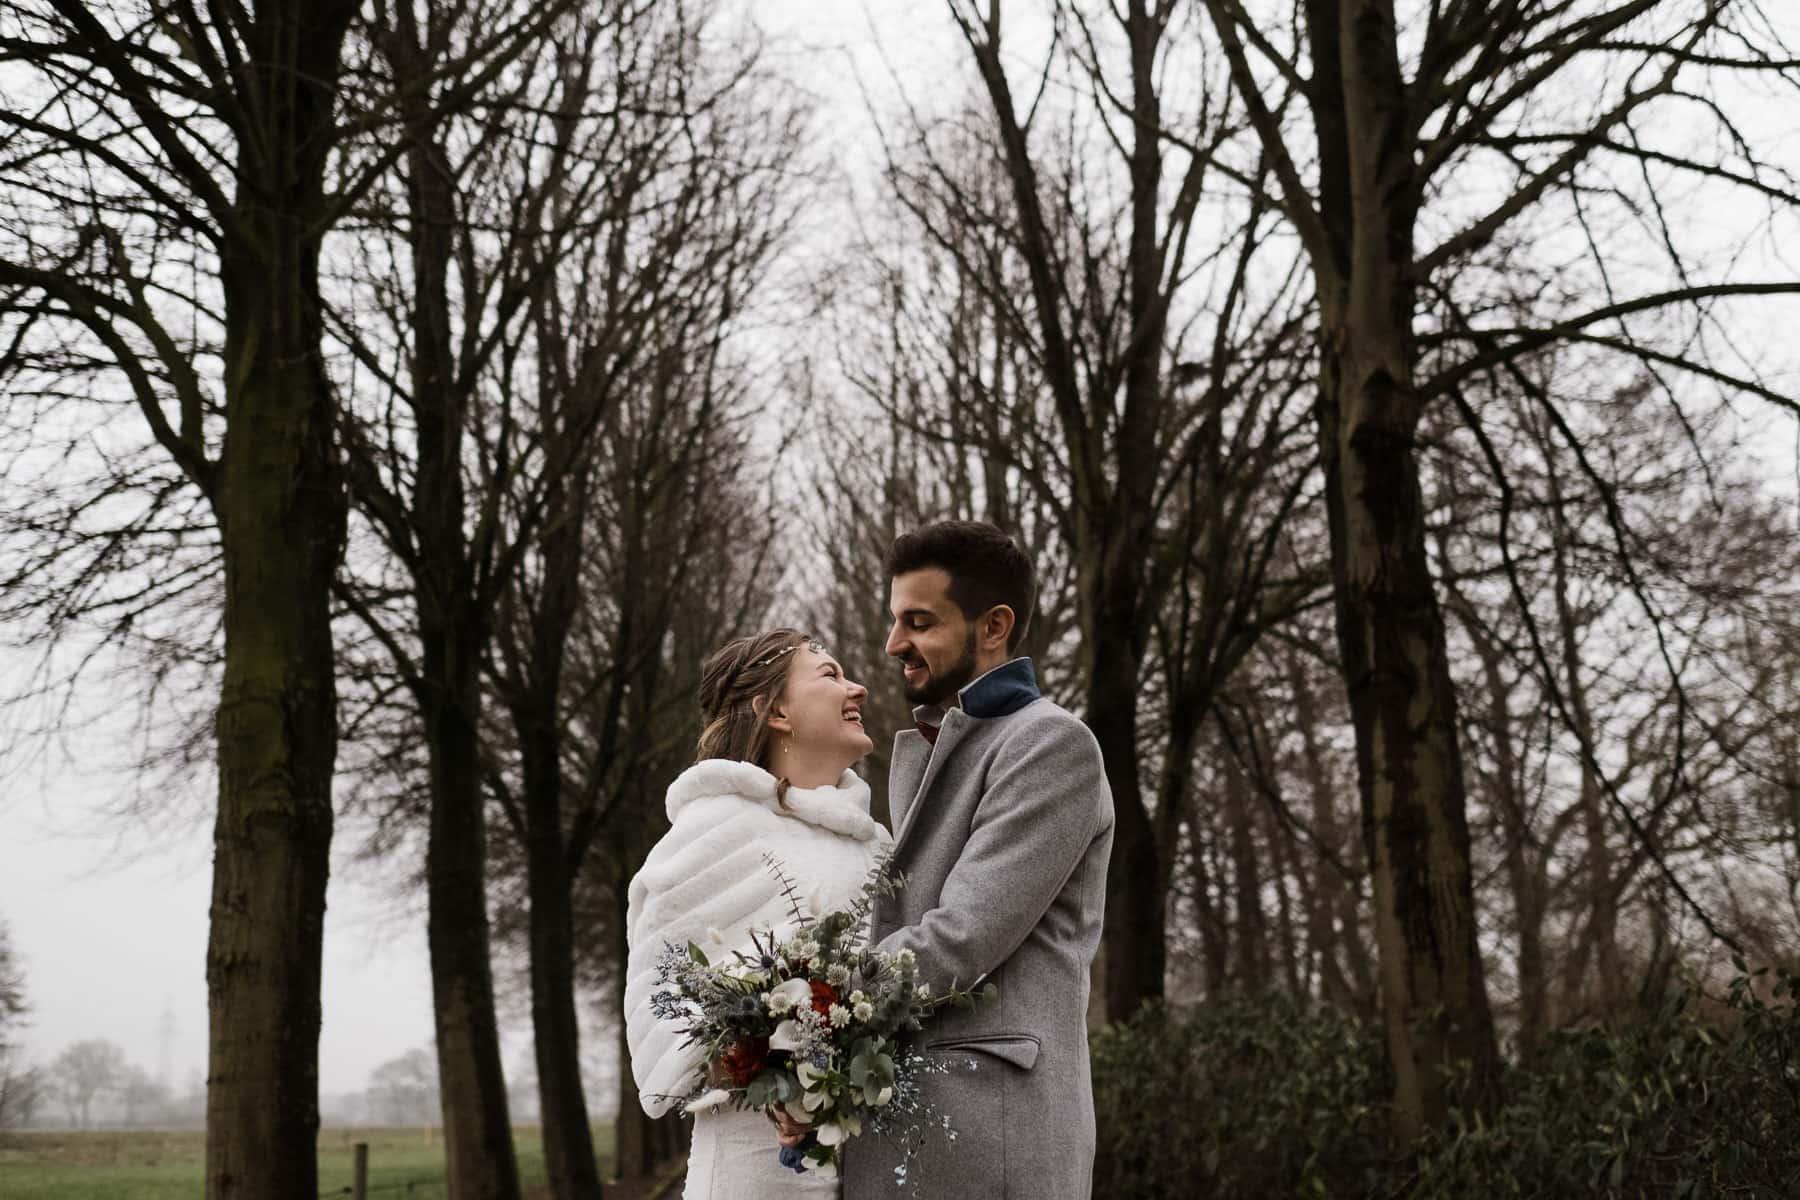 das Brautpaar steht draußen auf einem Weg, am Wegesrand stehen kahle Bäume, der Bräutigm hält die Braut in seinen Arm, sie schauen sich an, die Braut trägt über ihren Brautkleid einen weißen Pelzumhang, der Bräutigm trägt einen grauen Anzug